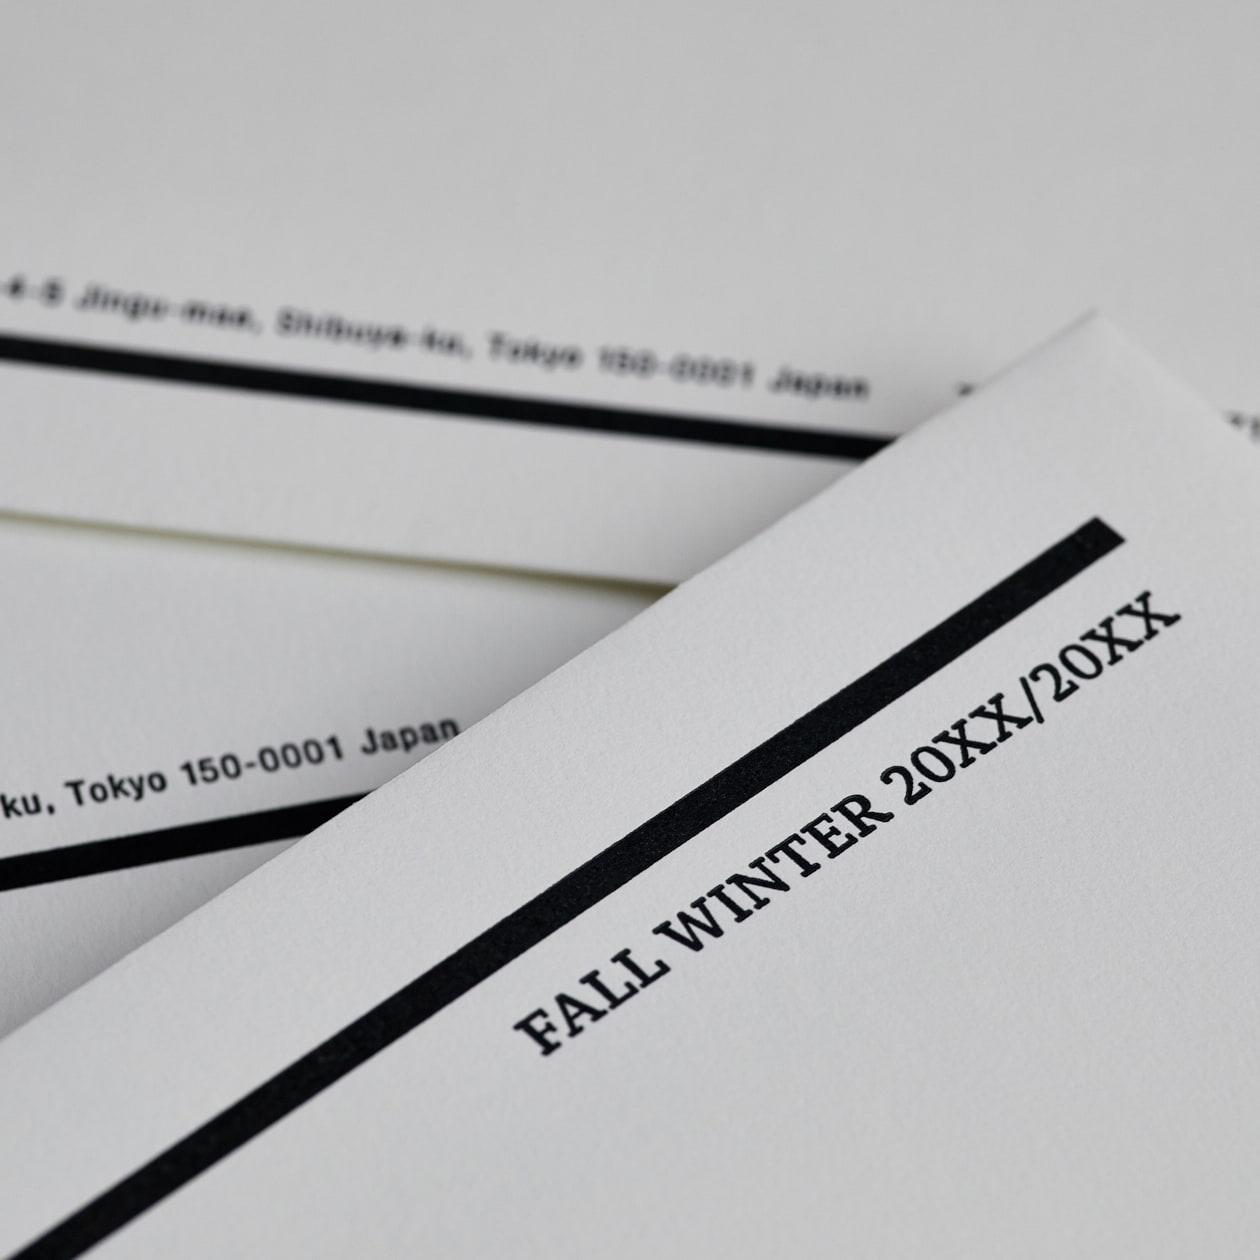 メンズファッション 秋冬コレクション展示会案内状とカタログ